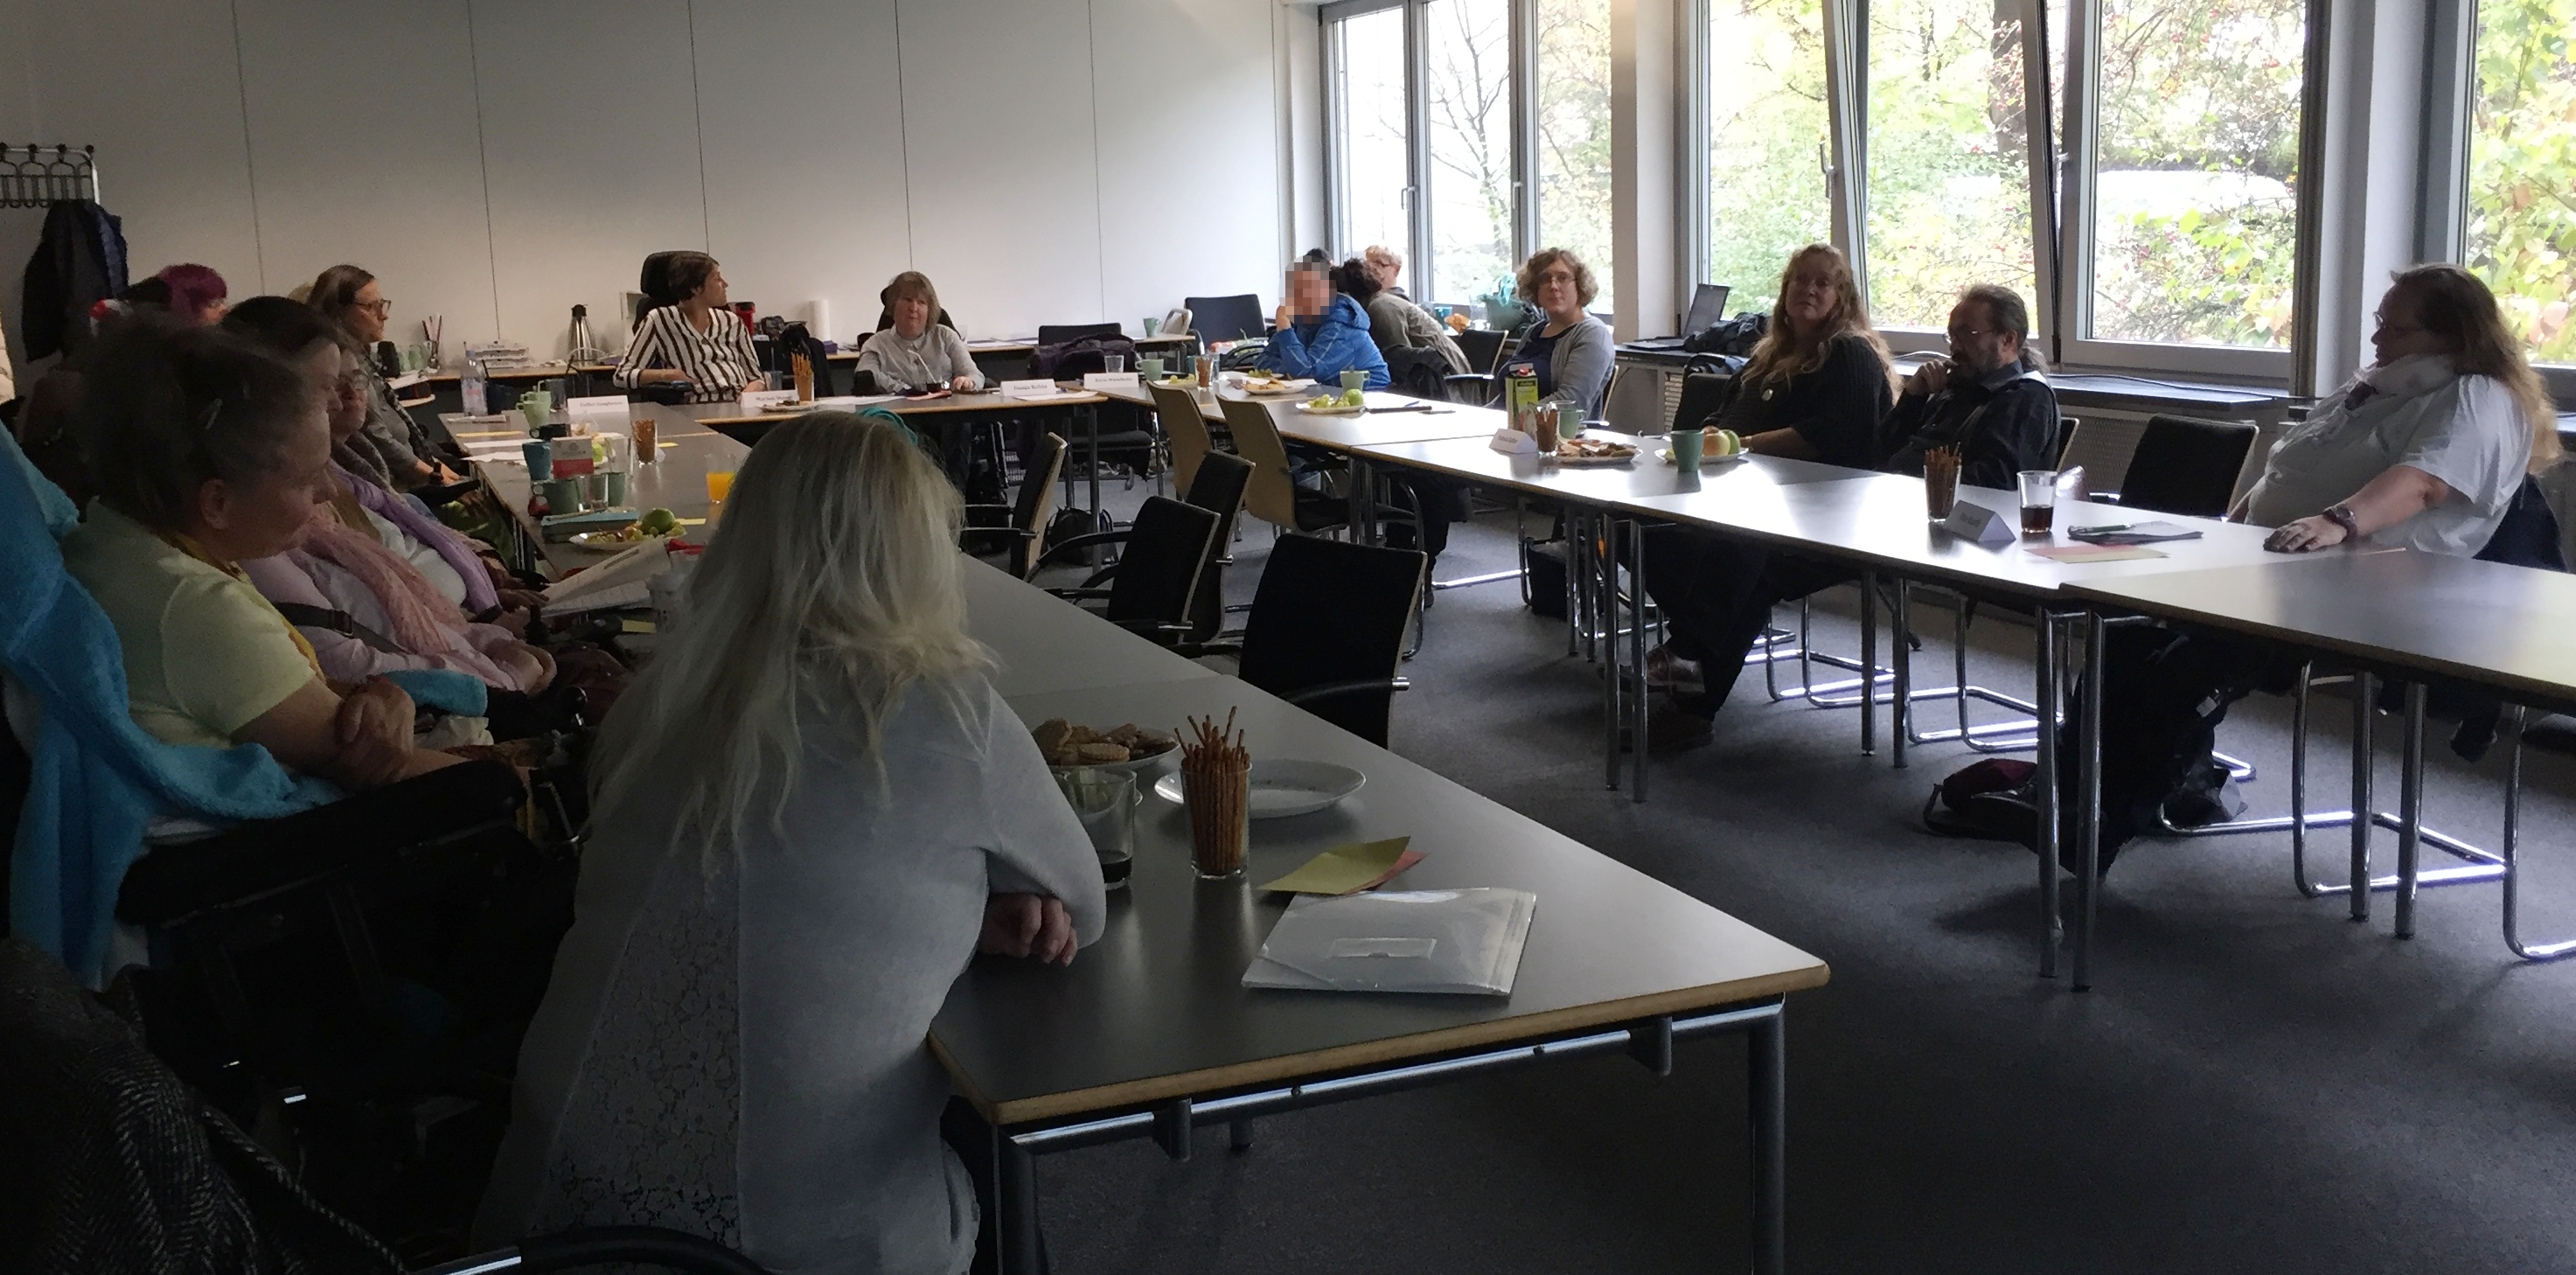 Netzwerkfrauen sitzen beimPlenum zusammen und beraten